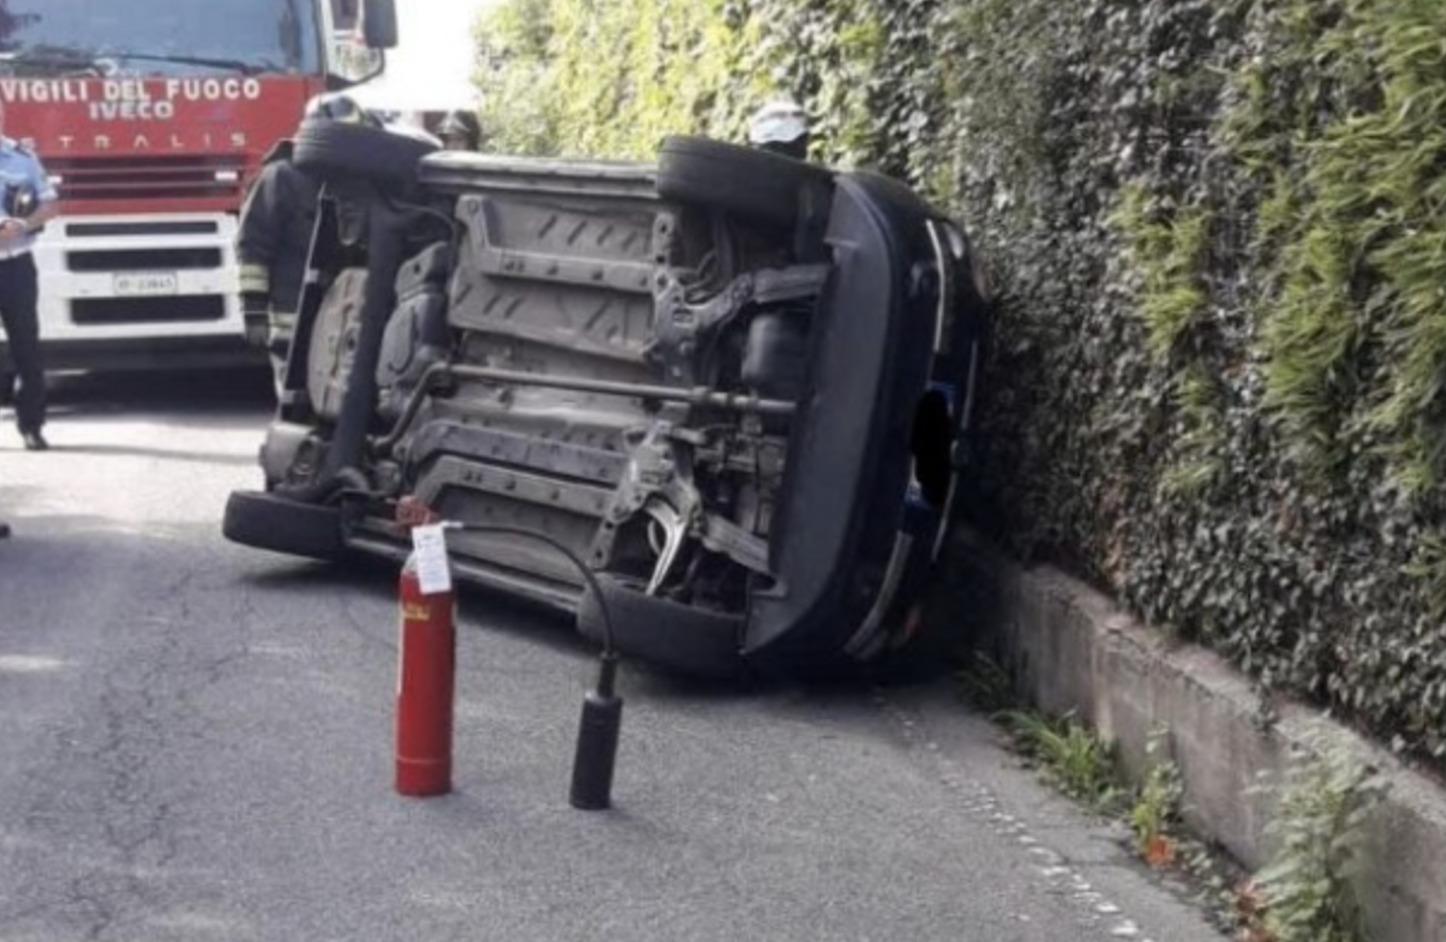 Ragazzo di 16anni muore in un incidente stradale